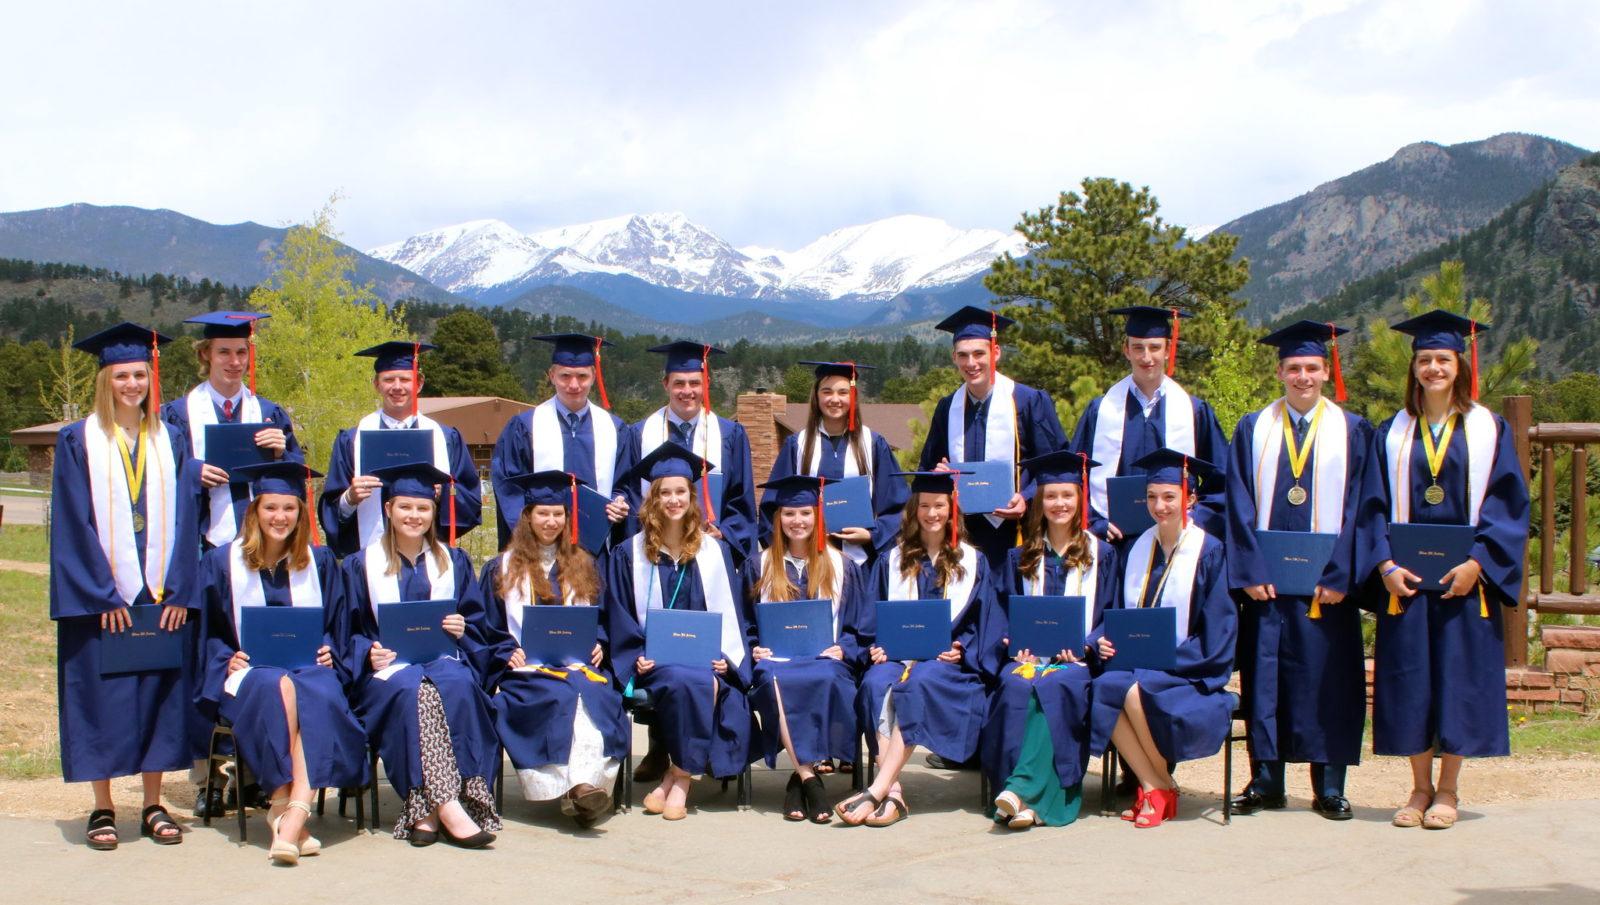 Online Christian Homeschool graduating class